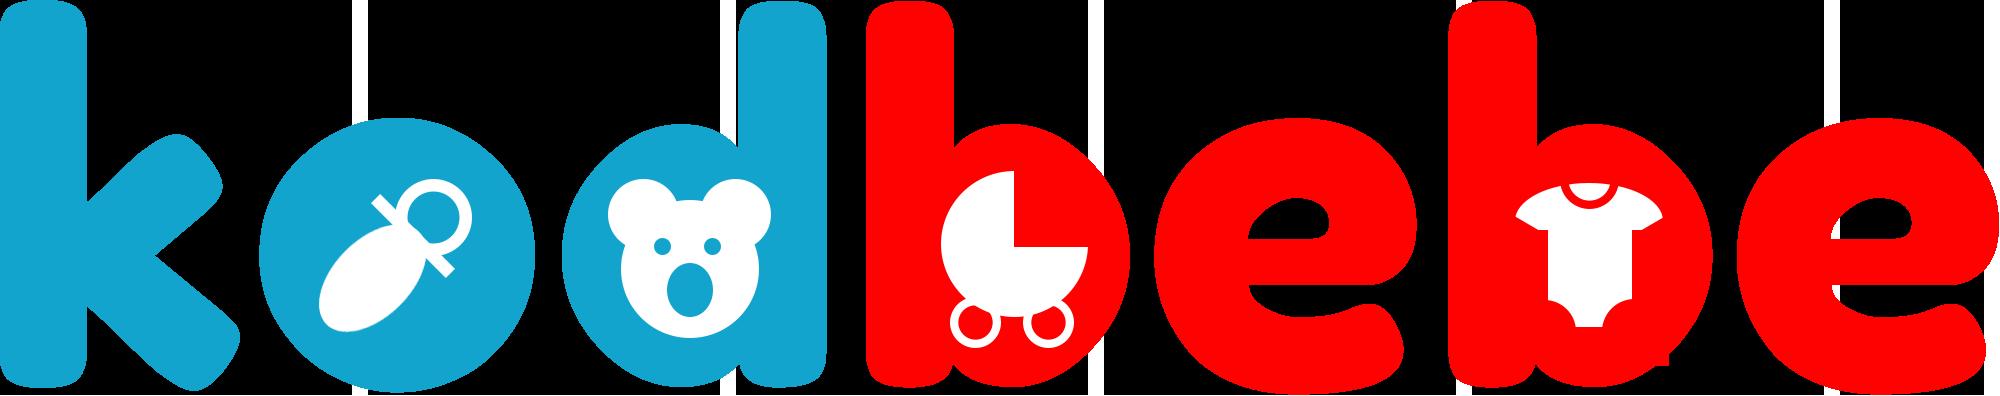 Код бебе